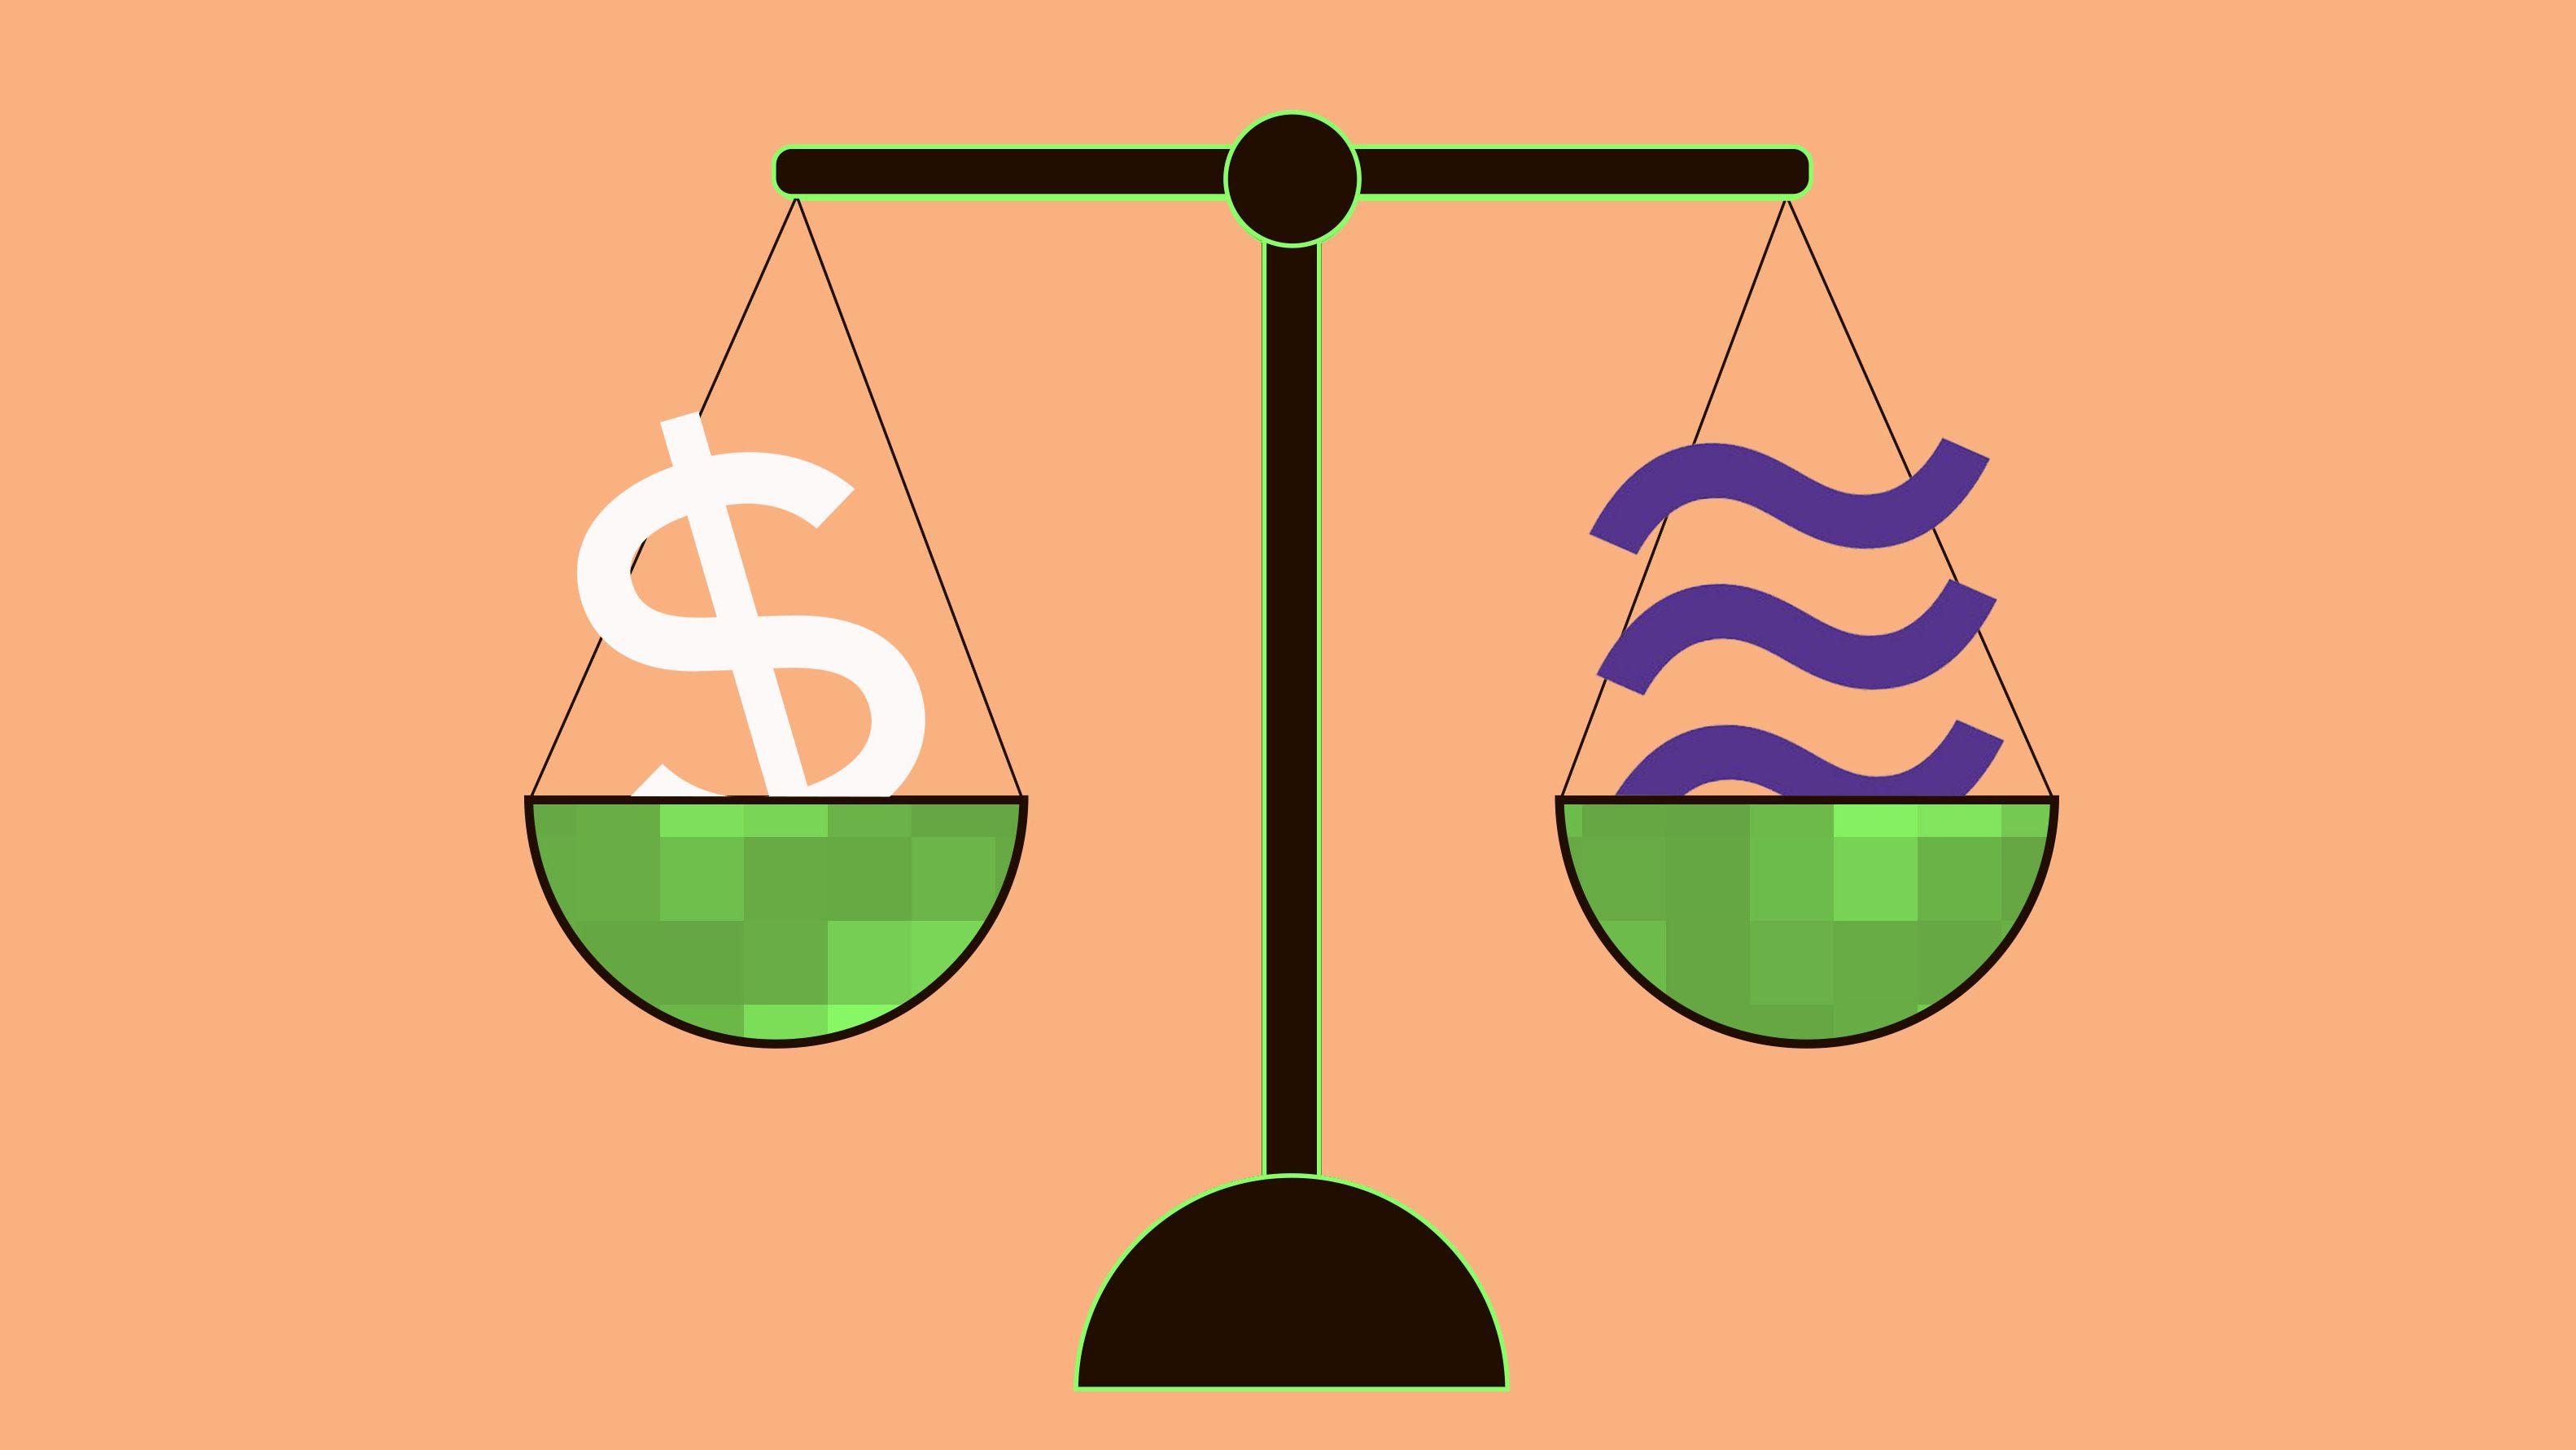 「リブラは米ドルにとって脅威でない」セントルイス連銀総裁語る